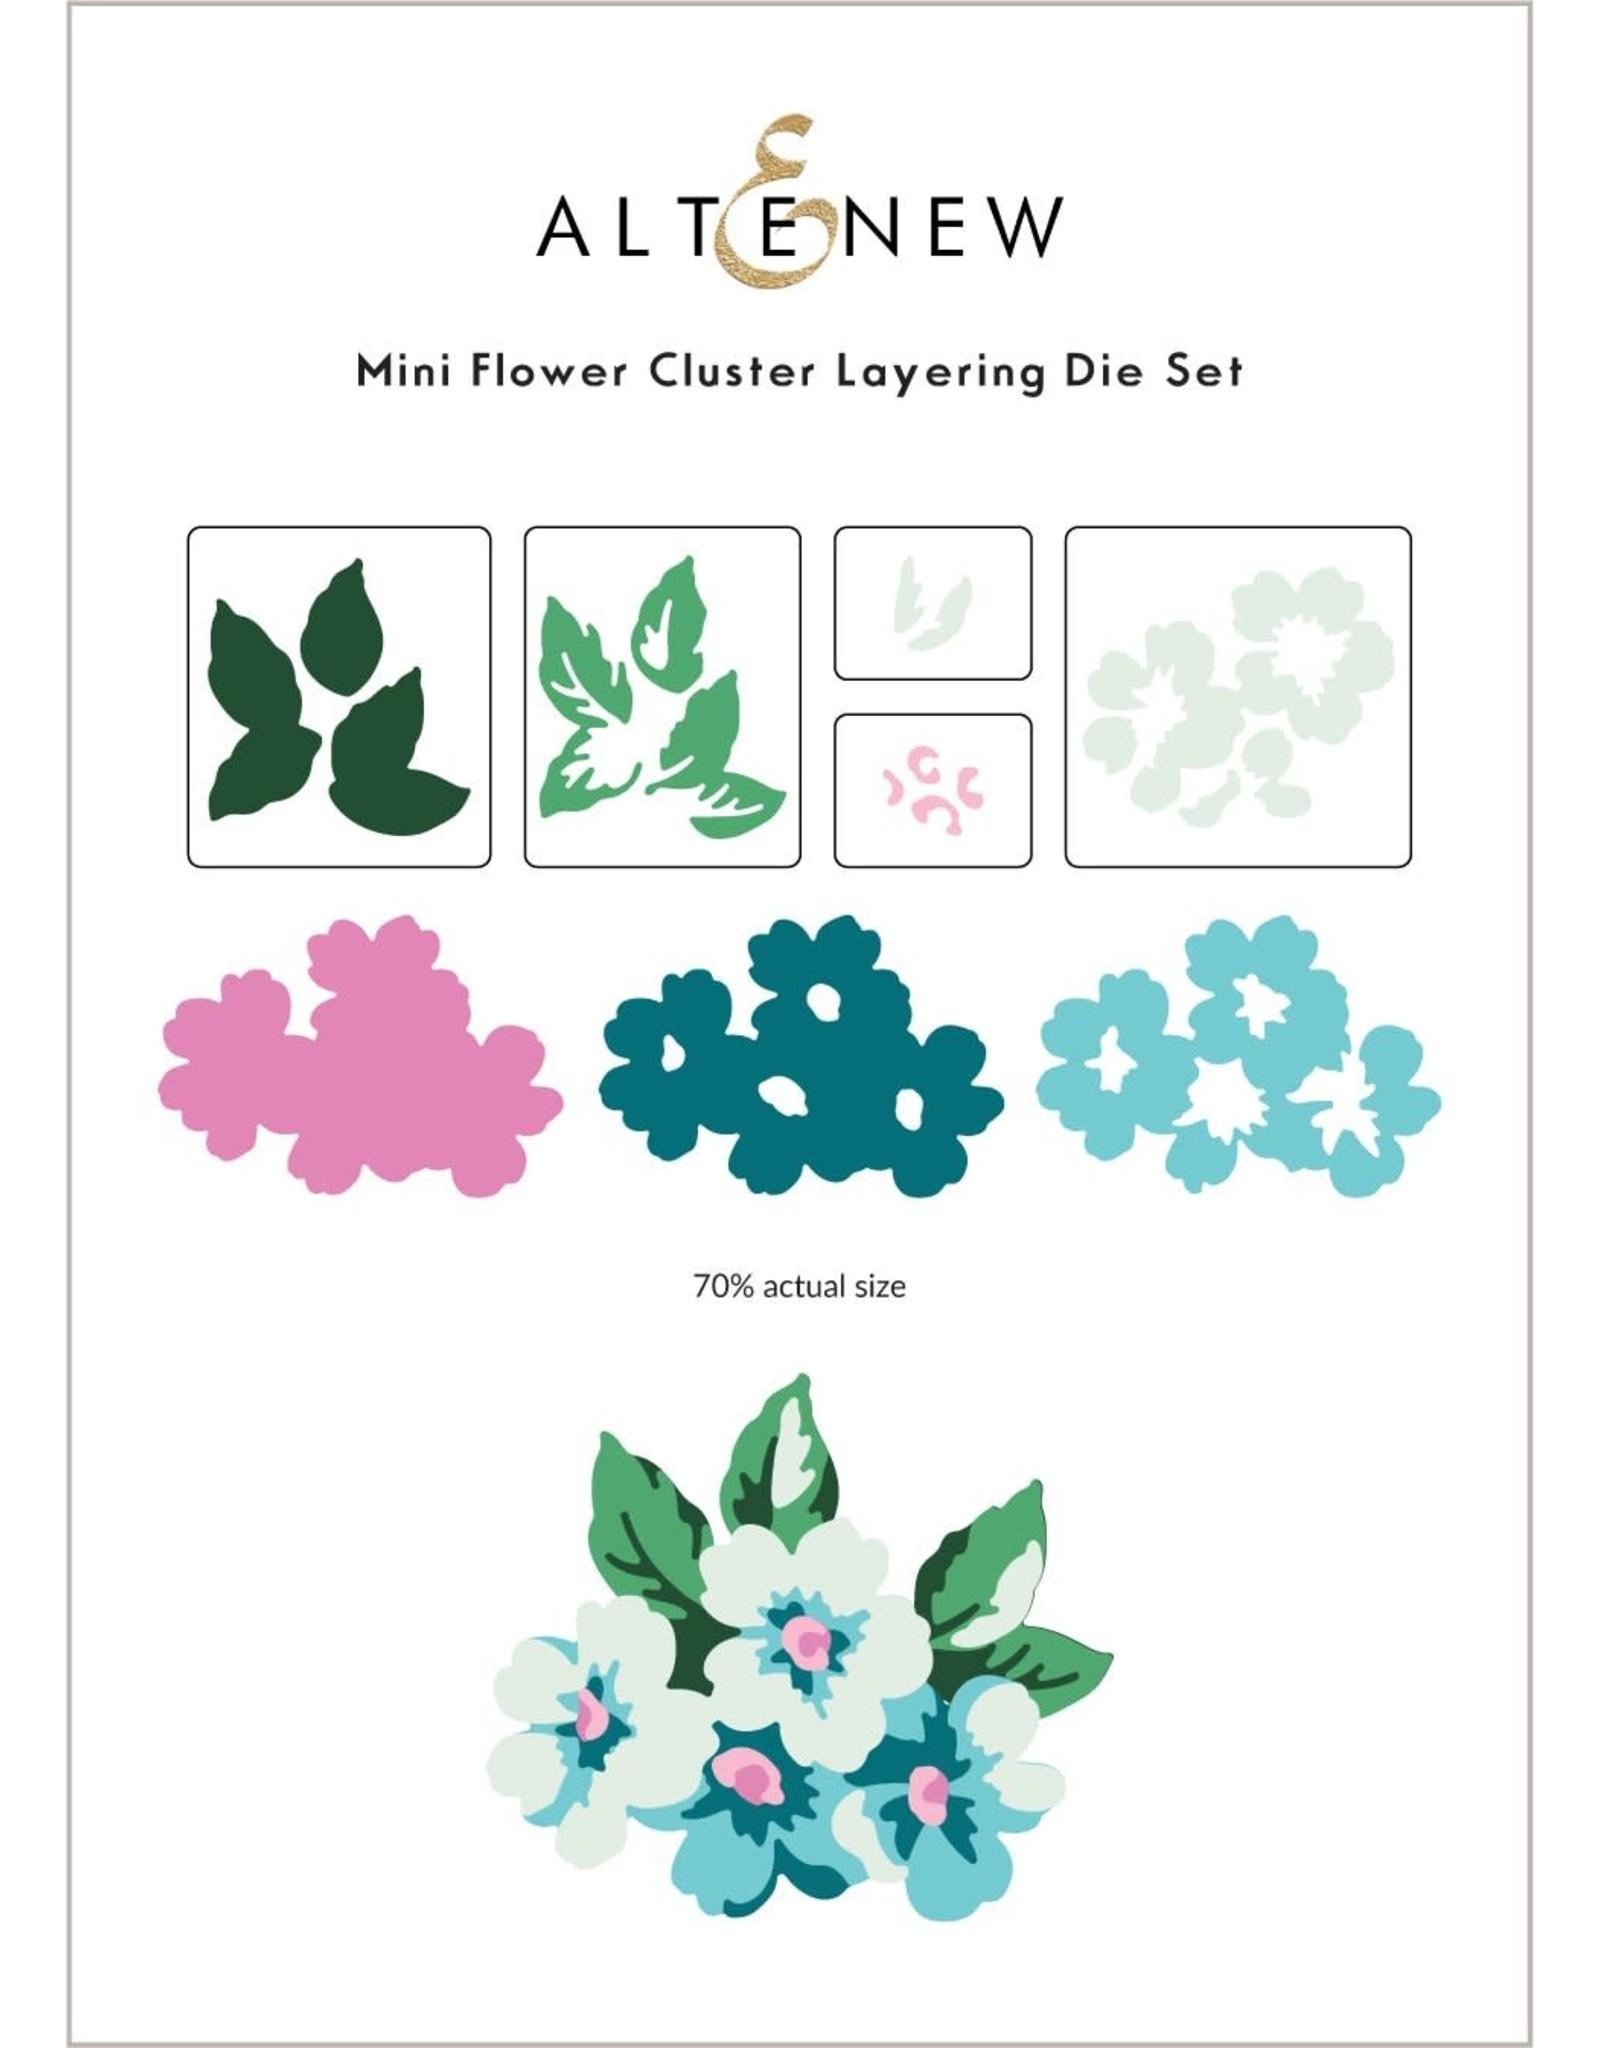 ALTENEW Altenew Mini Flower Cluster Layering Die